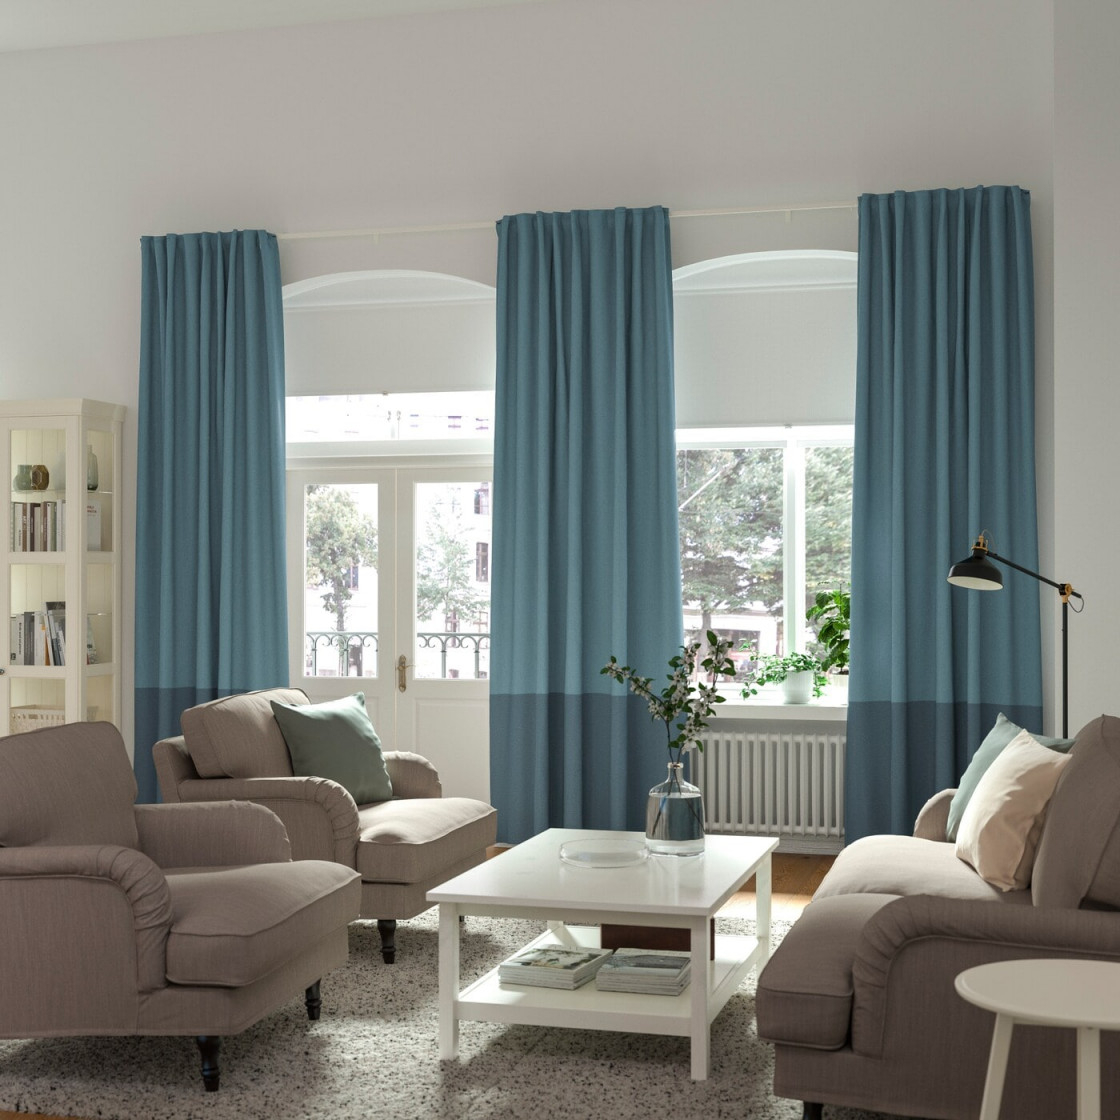 Gardinenideen Inspirationen Für Dein Zuhause  Ikea von Gardinen Wohnzimmer Mit Kräuselband Photo